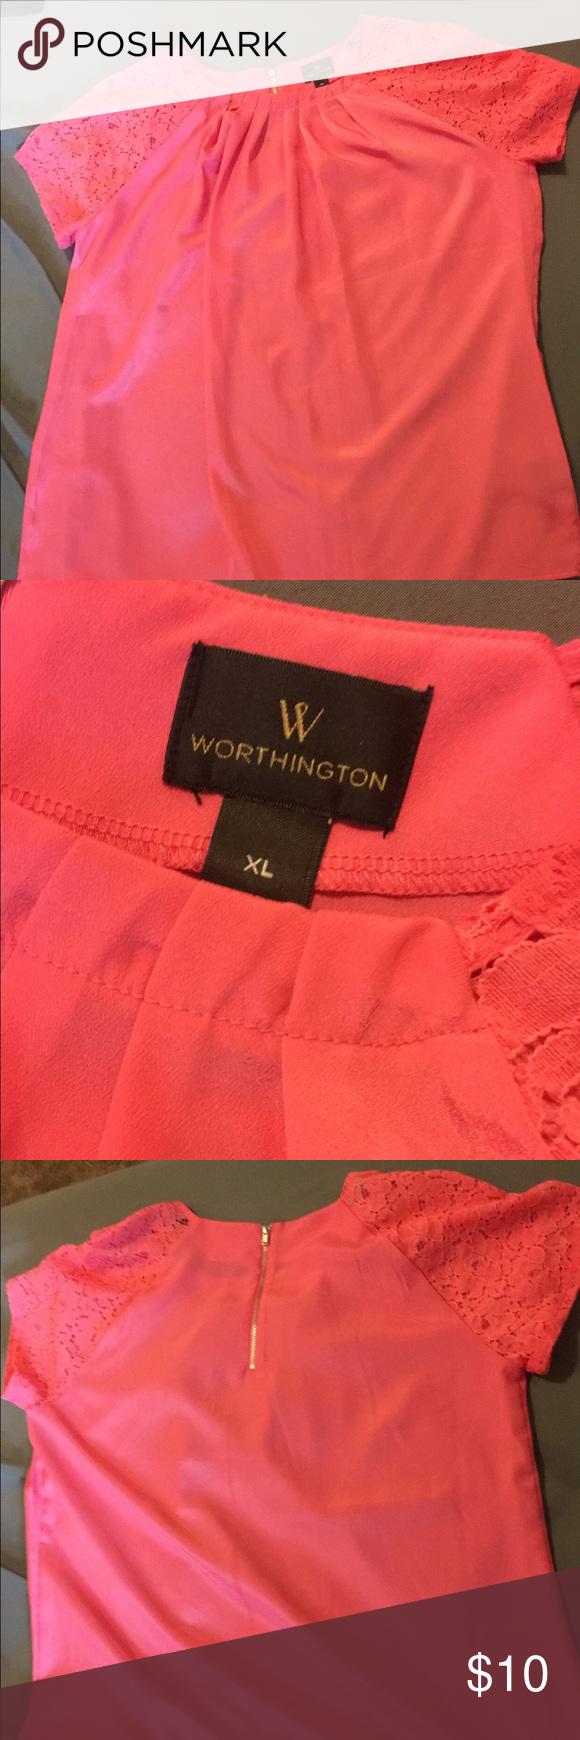 Pink dress shirt for women  Pink dress shirt  Pink dresses Dress shirts and Customer support